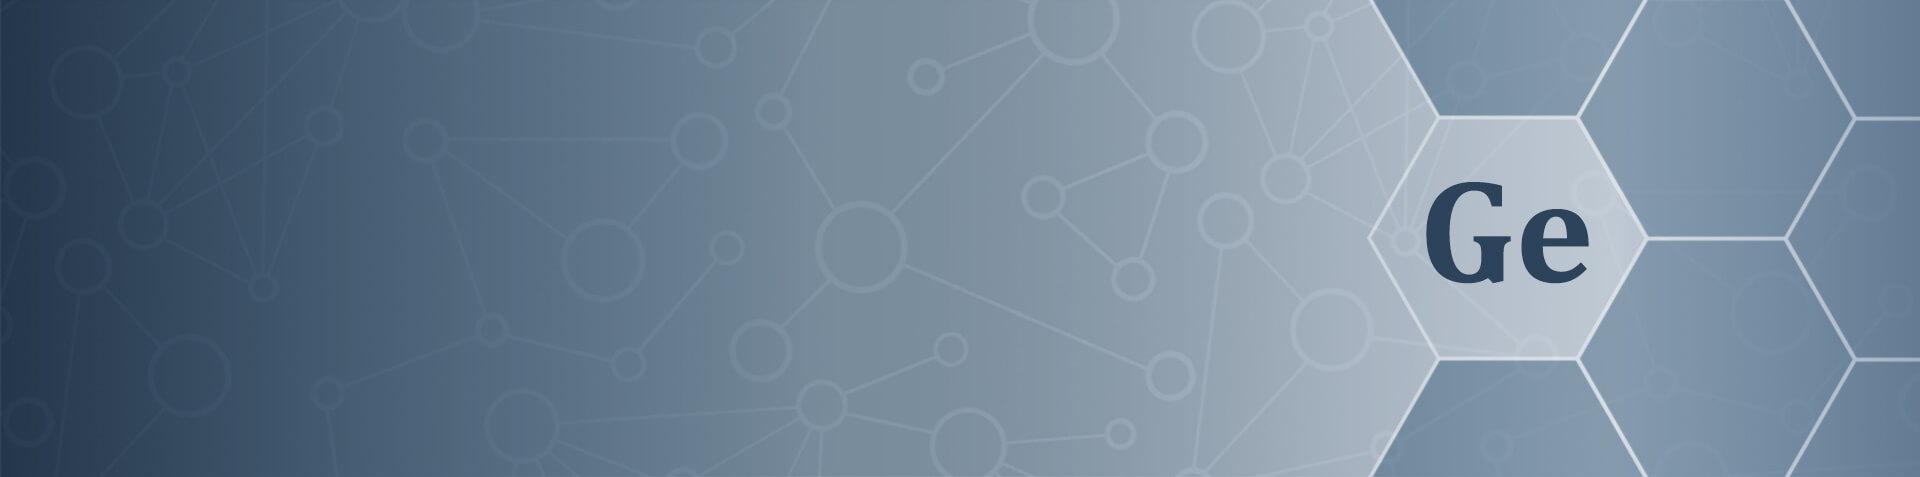 Weiße Hexagons vor blauem Grund, in einem Hexagon ist das Germanium Elemente Symbol zu sehen.